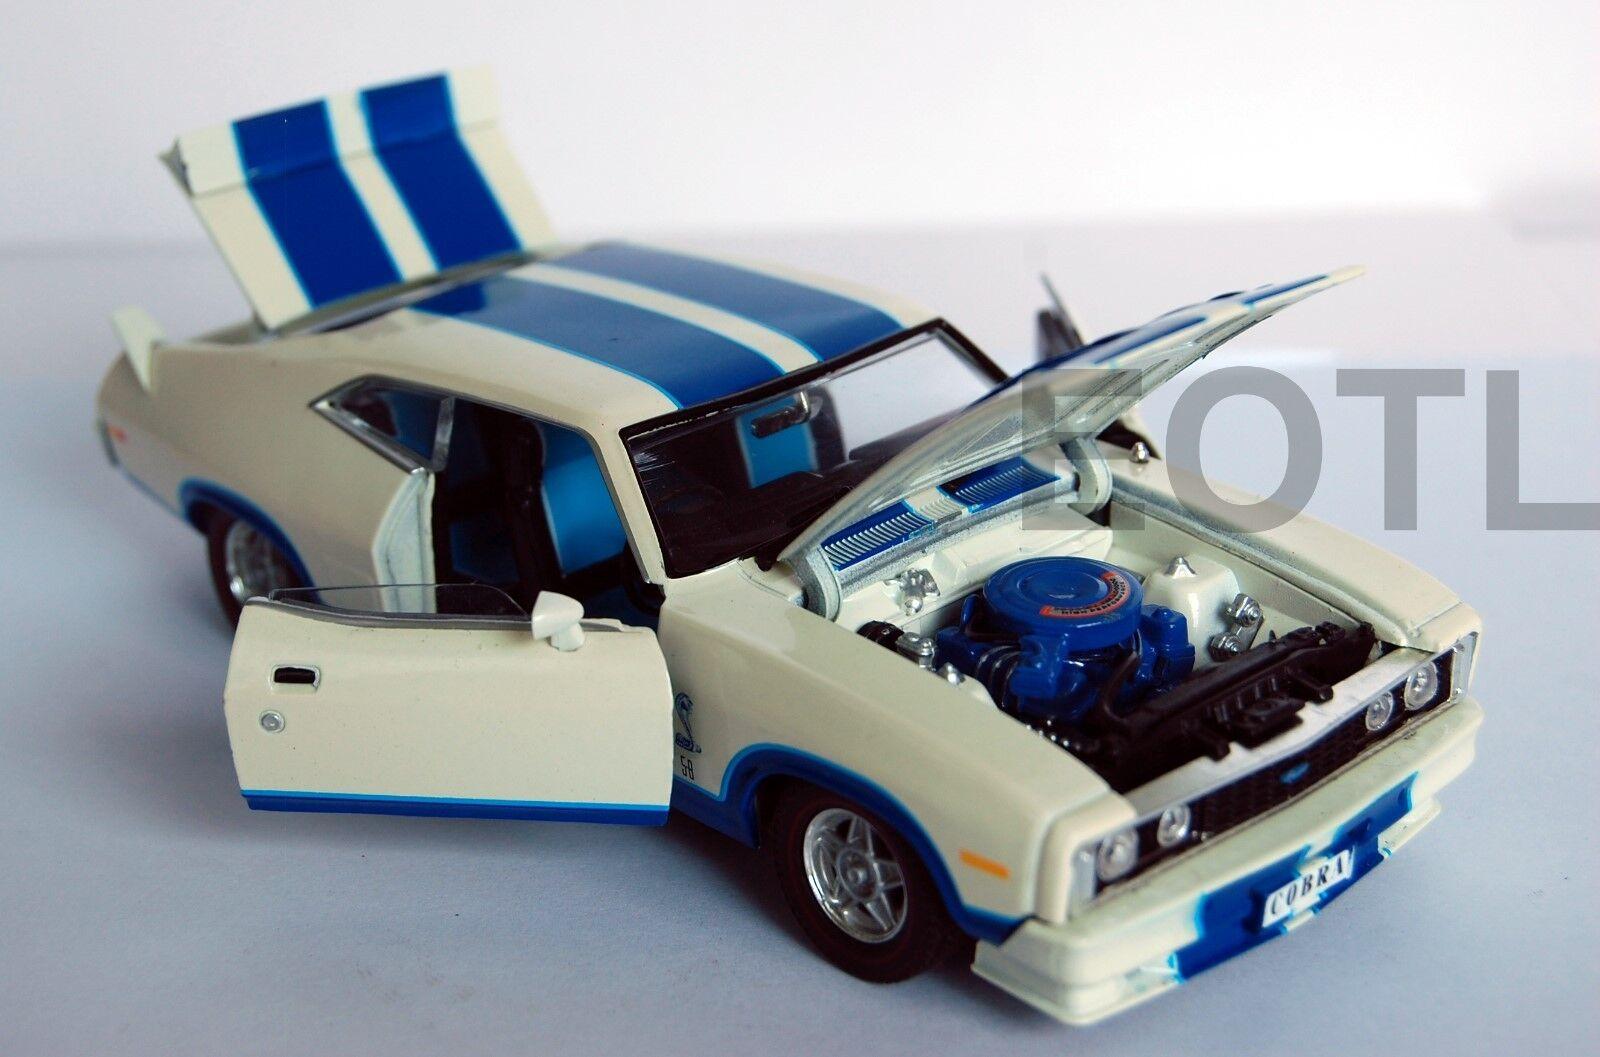 OzLegends Ford Falcon XC Cobra option 96 med blå Seats 1 32 begränsad Edition